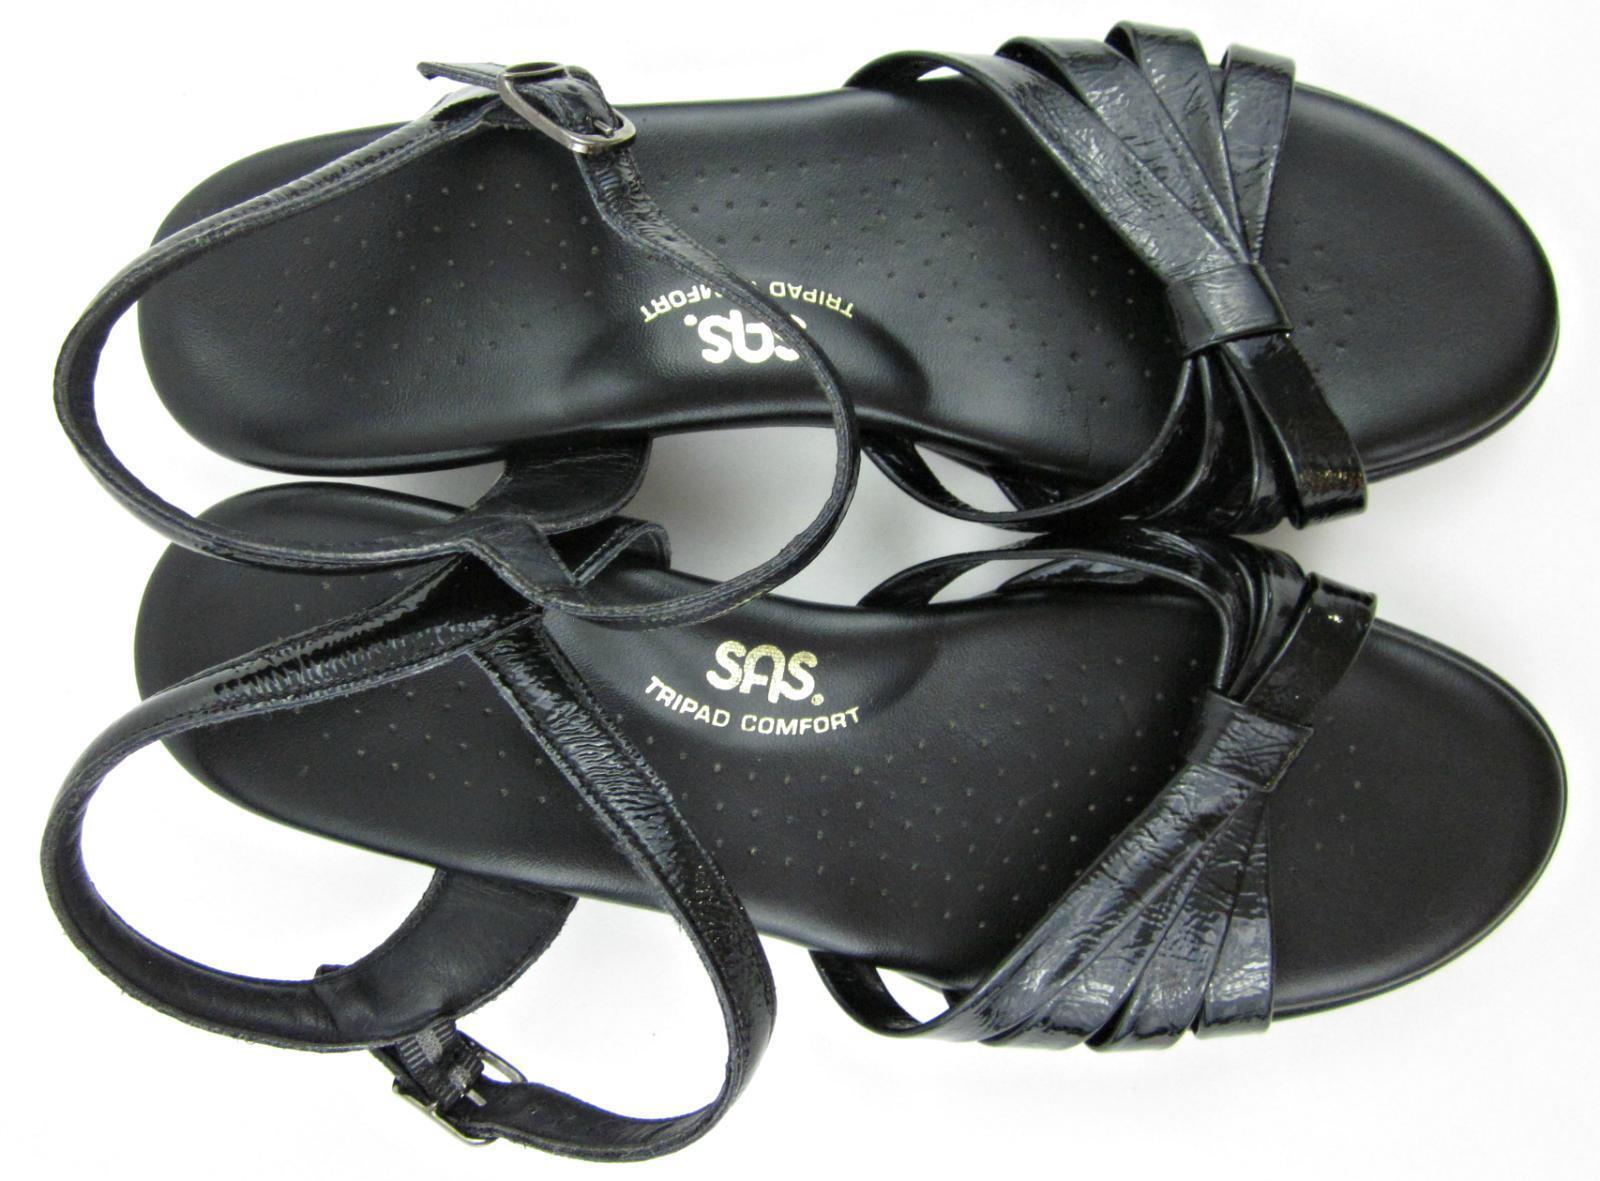 Servicio Aéreo Especial 'strippy' Tripad Comfort de Sandalias Patente Cuero Negro Sz 9W de Comfort ancho 1098c9